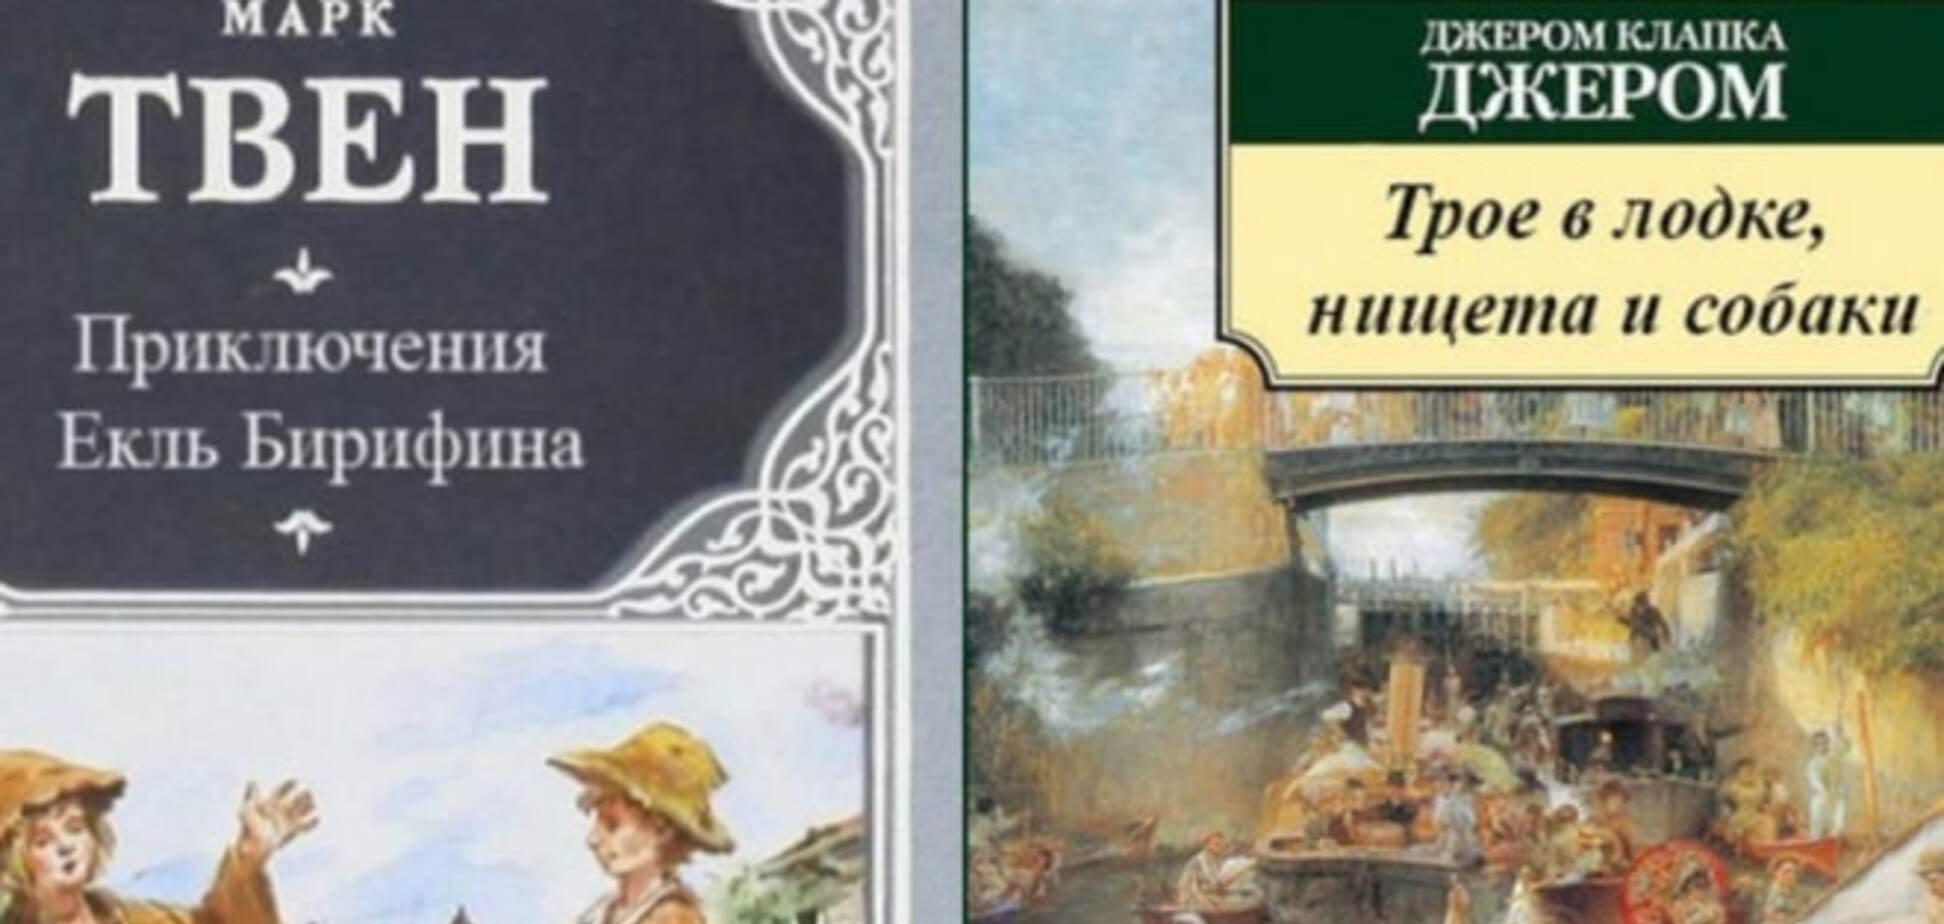 'Трое в лодке, нищета и собаки': 30 книг, которые посетители так и не нашли в библиотеке